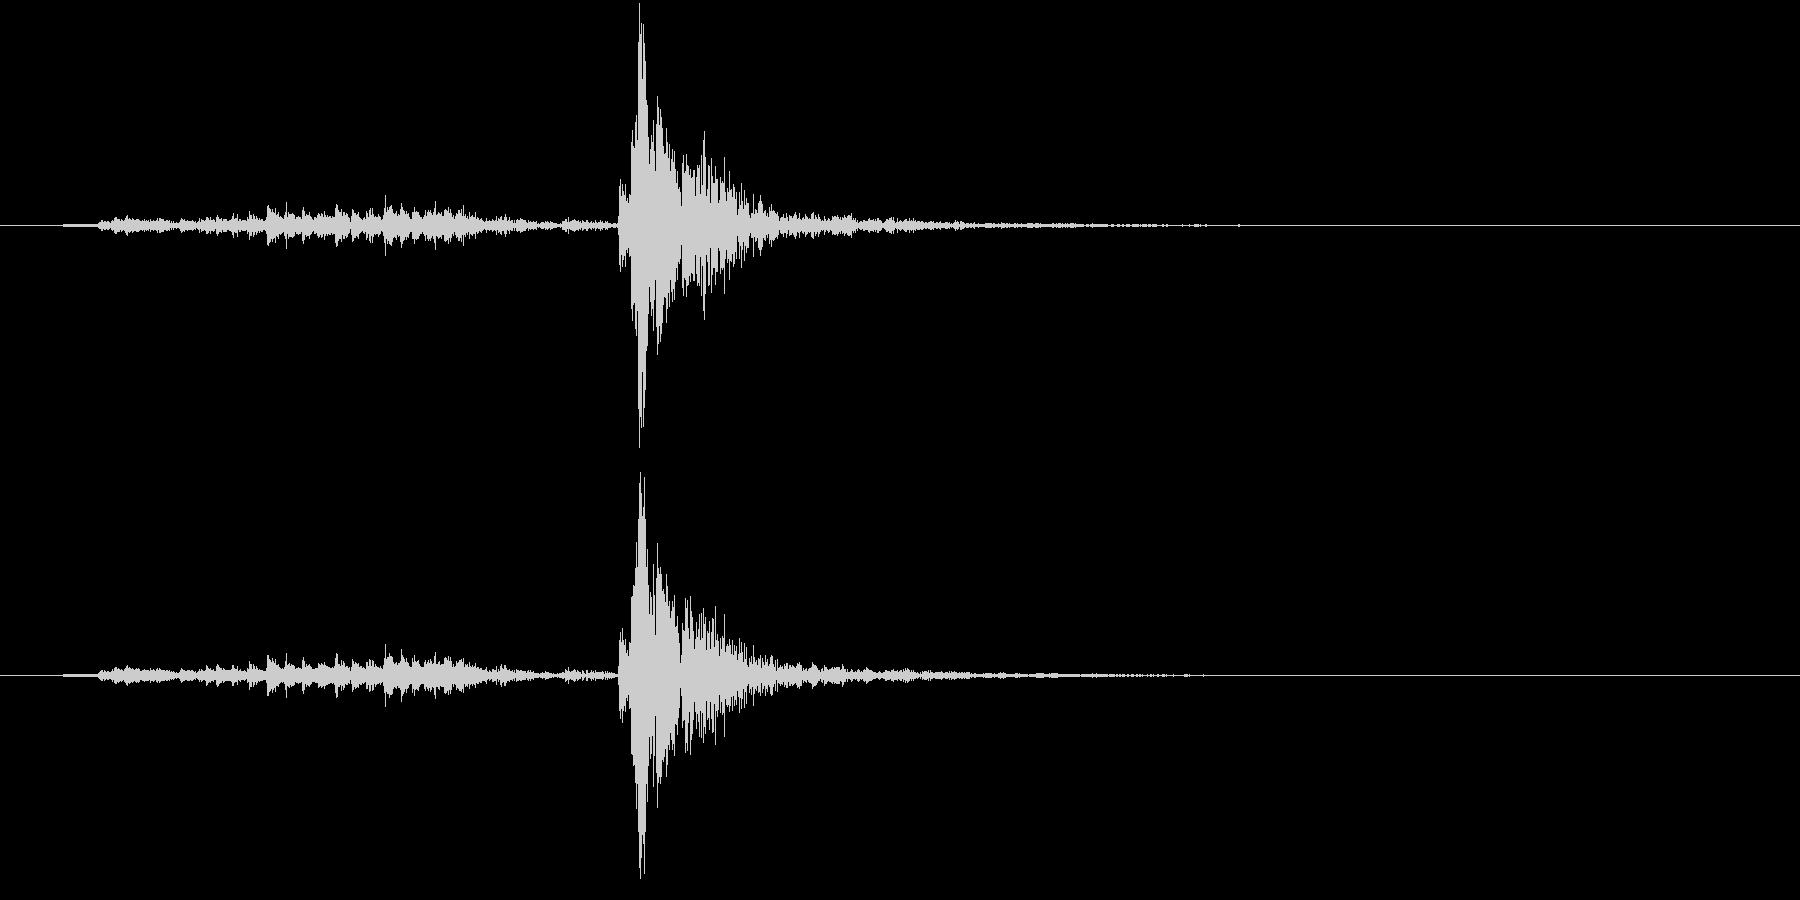 【生録音】シュガーポットの蓋を閉める音の未再生の波形